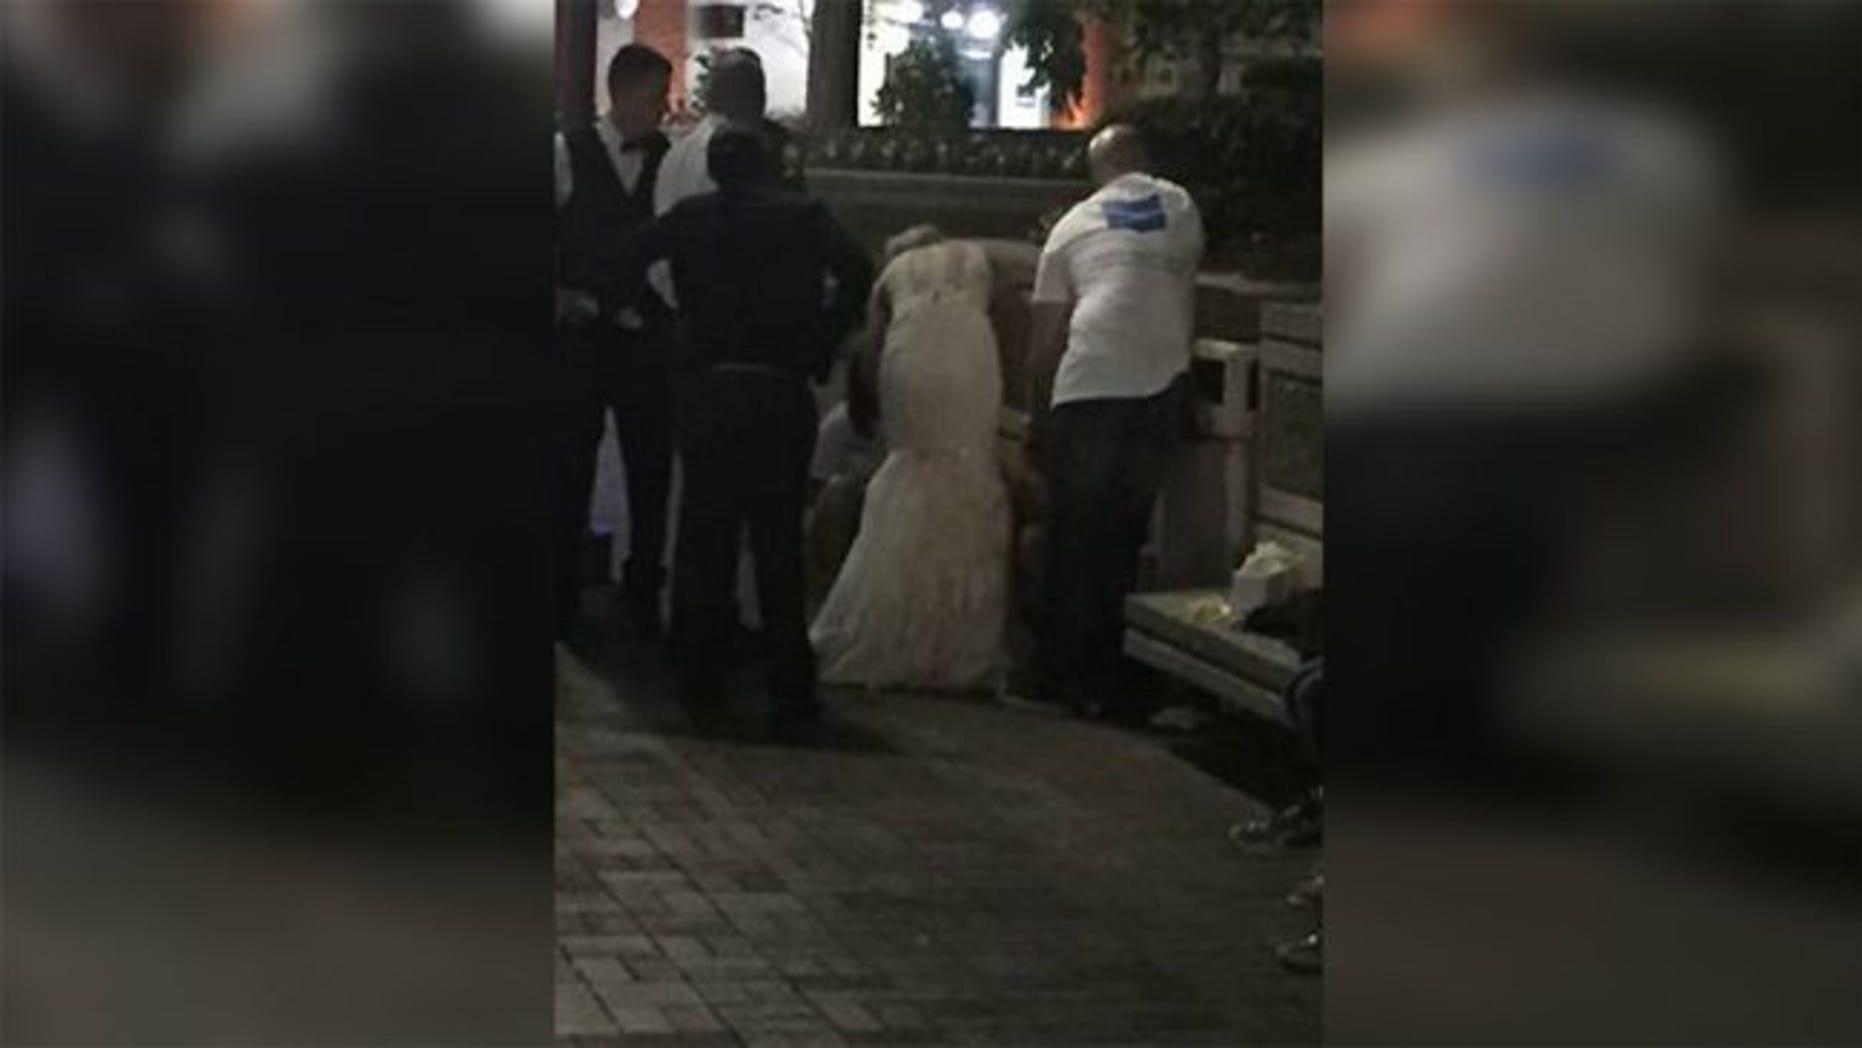 Julie Stroyne performed CPR on a stranger outside of her wedding reception.